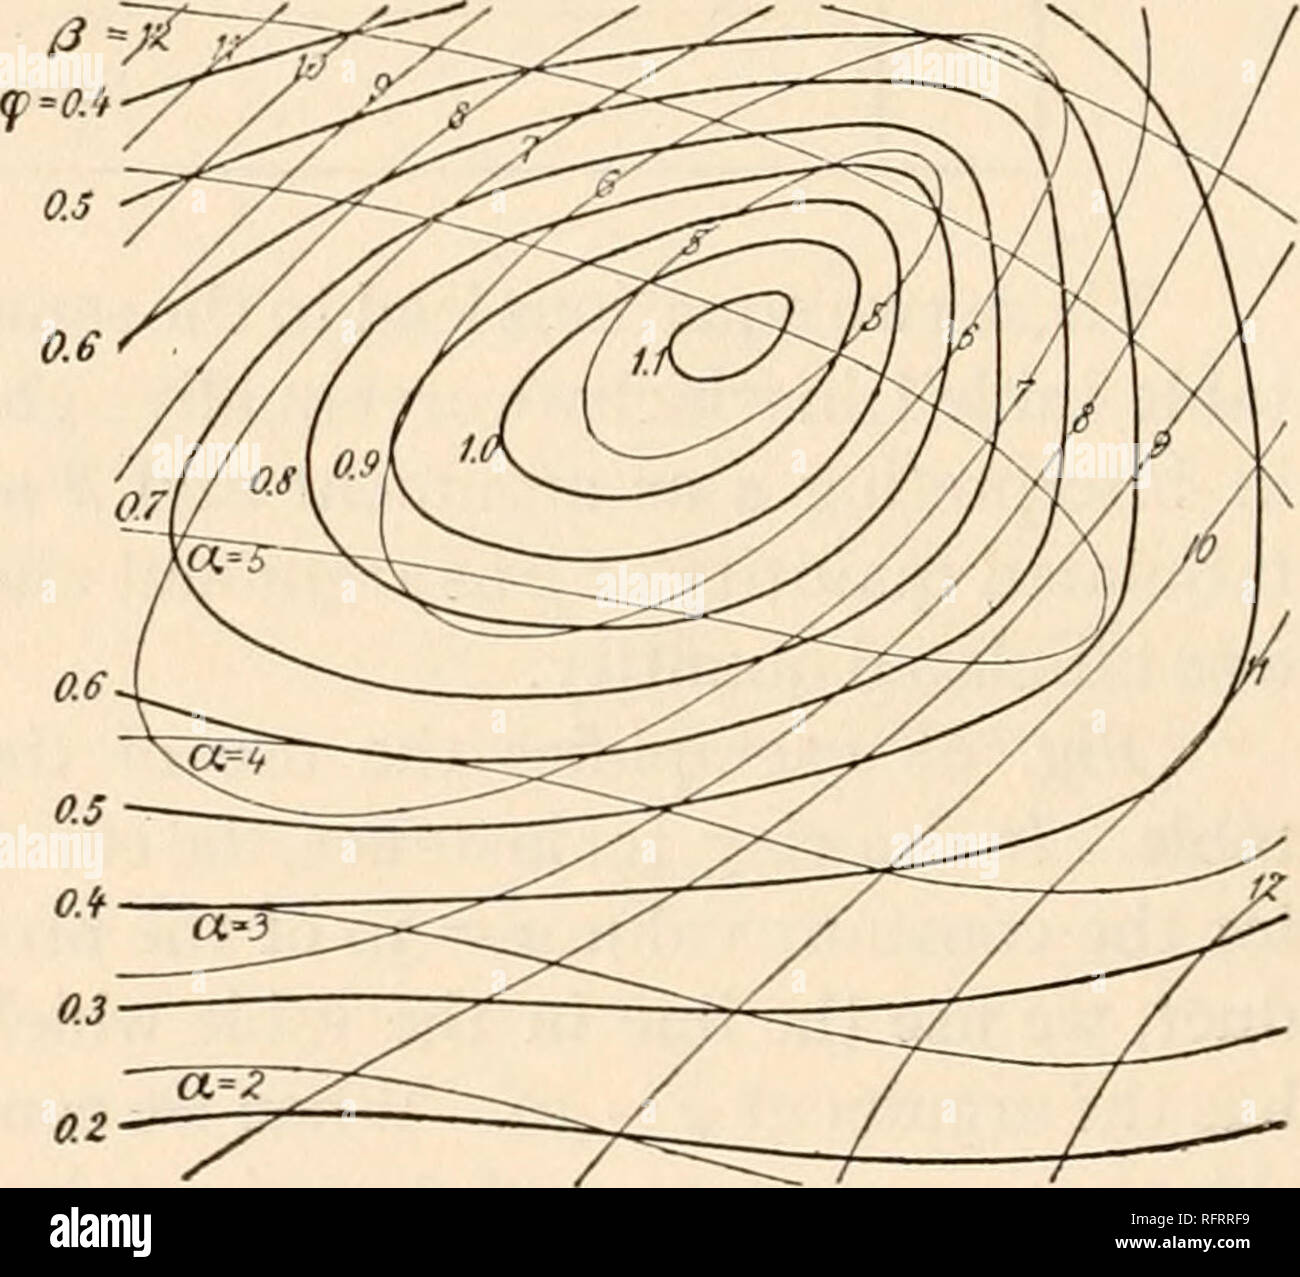 . Publicación de la Carnegie Institution de Washington. 76 meteorología dinámica y la hidrografía. J.-Tablas de división gráfica. I. Divisor tabulados como función del cociente y el dividendo. Quo- tient. Los dividendos 0. 2 3 4 5 0.2 10.0 15.0 20.0 25.0 0.3 6.7 10.0 '3-3 16.7 O.4 5° 7-5 10,0 12,5 0,5 4,0 6,0 8,0 10,0 0,6 3 5,0 6,7 8,3 0,7 2,9 4 3 5-7 7i 0,8 2 5 3,8 5 0 63 0.9 2.2 3 3 4 4 5 6 1 .0 2.0 4.0 3 ° 5° 1 . 1 1.8 27 3 6 4 5 II. Tabulados de dividendos como función del cociente y el divisor. Quo- tient. ≪P Divisor 0. 5 6 7 8 9 10 11 12 0,2 0,4 0,5 0,6 0,7 3 0,8 0,9 1,0 1,1 1,0 '•5 2.0 2-5 3 0 3 5 4.0 4-5 5 Imagen De Stock